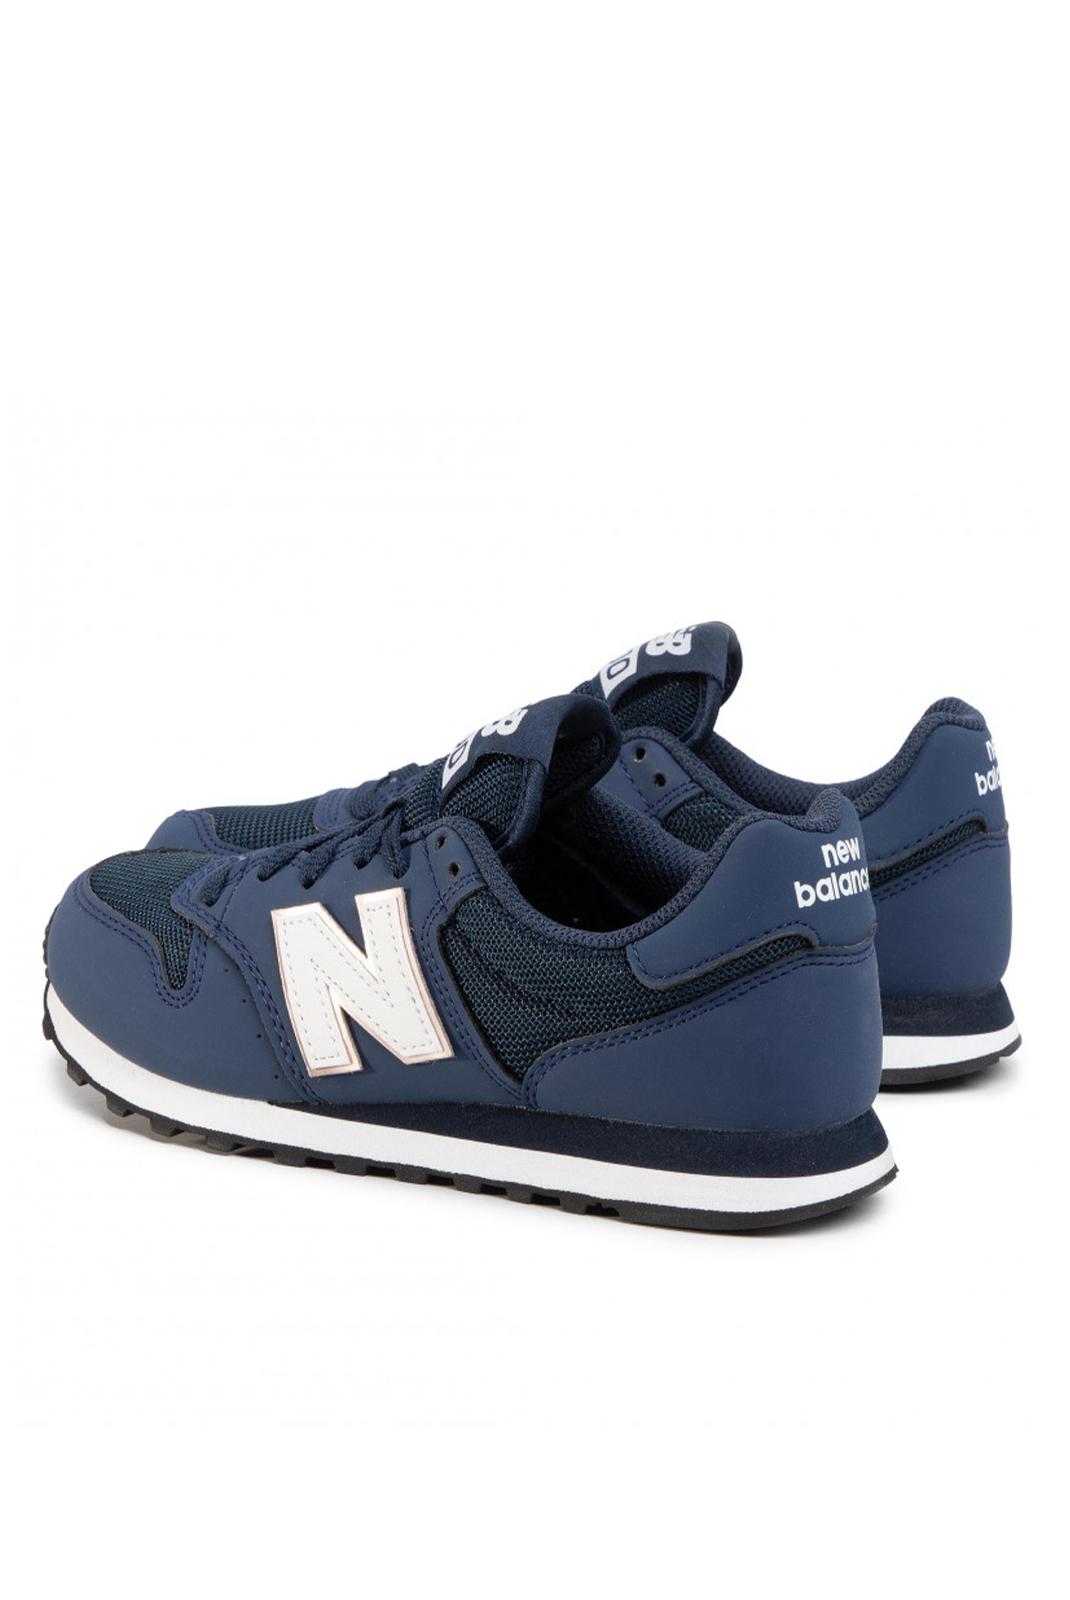 Baskets / Sneakers  New balance GW500HHD hhd